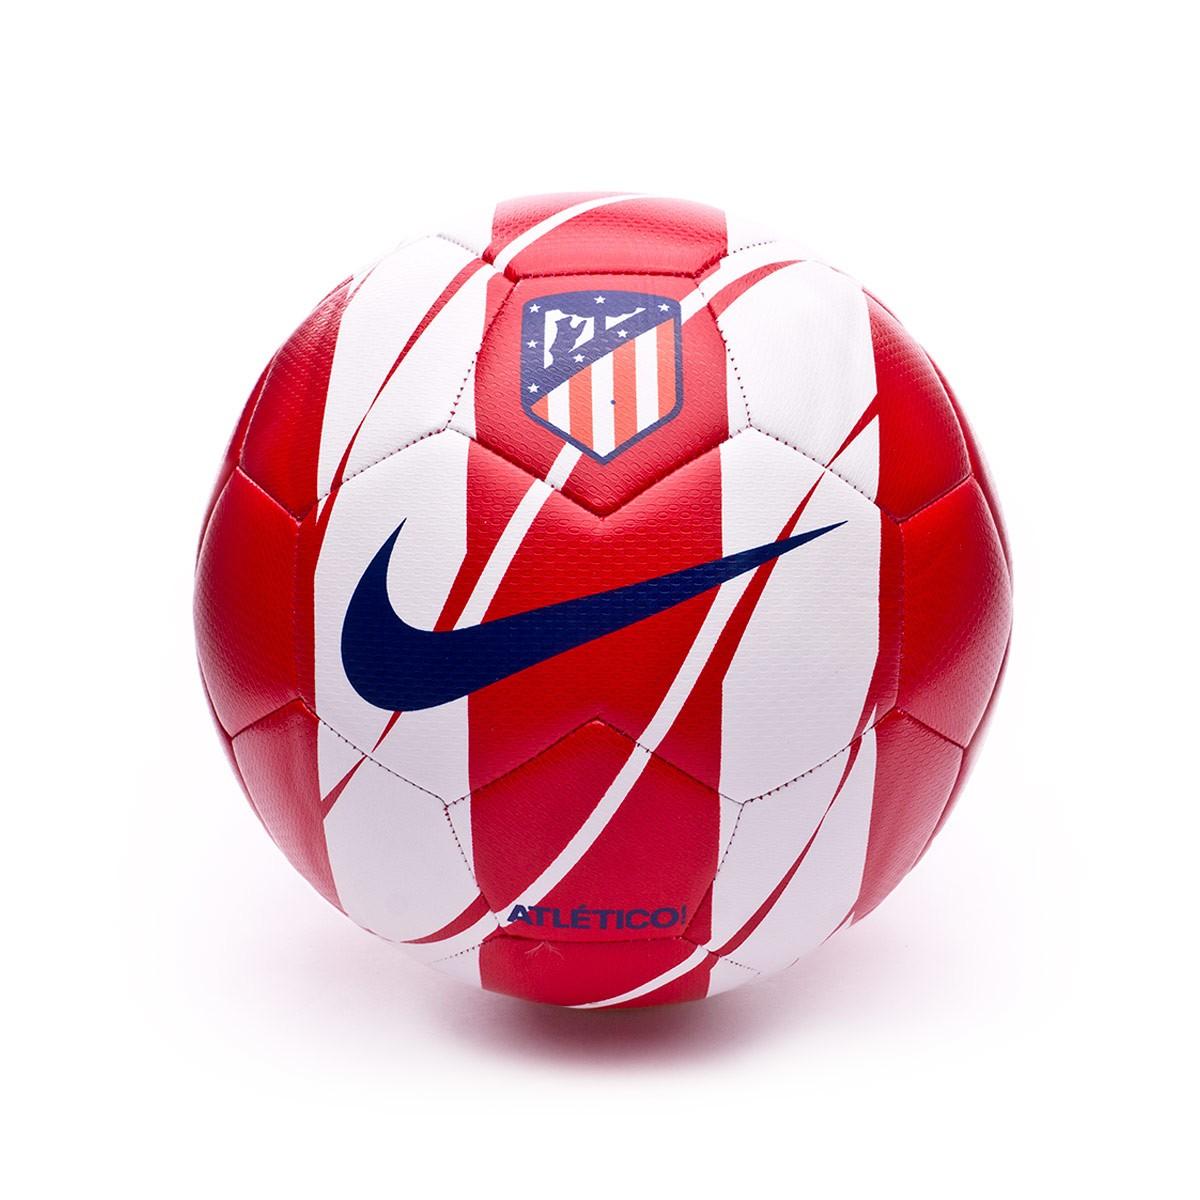 f4b3495b5f13f Balón Nike Atletico de Madrid Prestige 2017-2018 Sport red-Deep royal blue  - Tienda de fútbol Fútbol Emotion